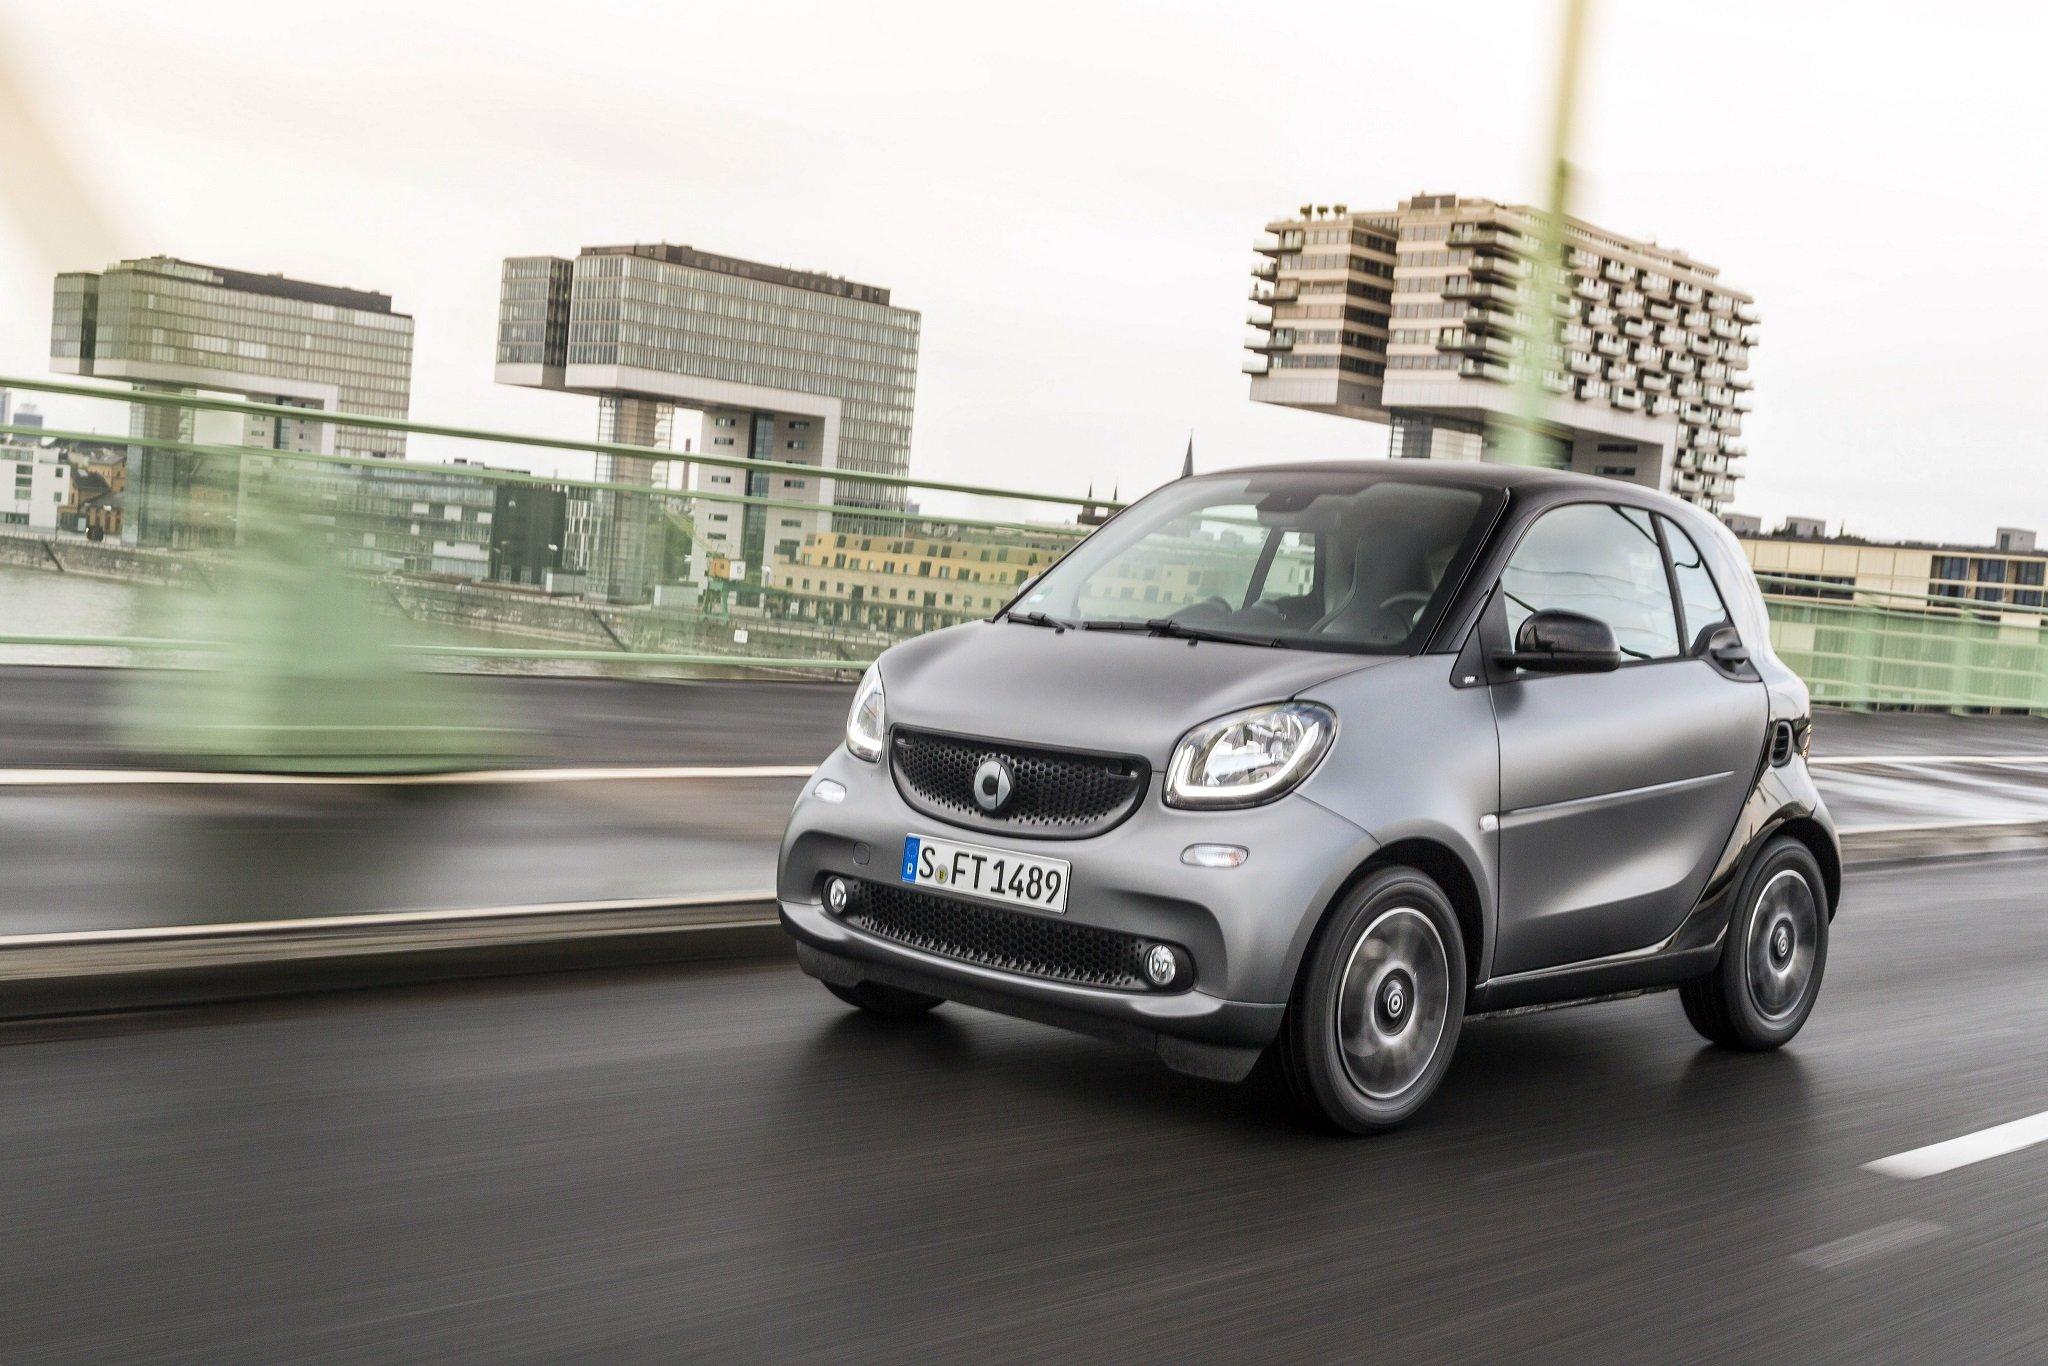 Pessoas próximas à Daimler revelam que o futuro do Smart, carrinho de dois lugares, poderá ser incerto depois que Renault abandonar parceria.